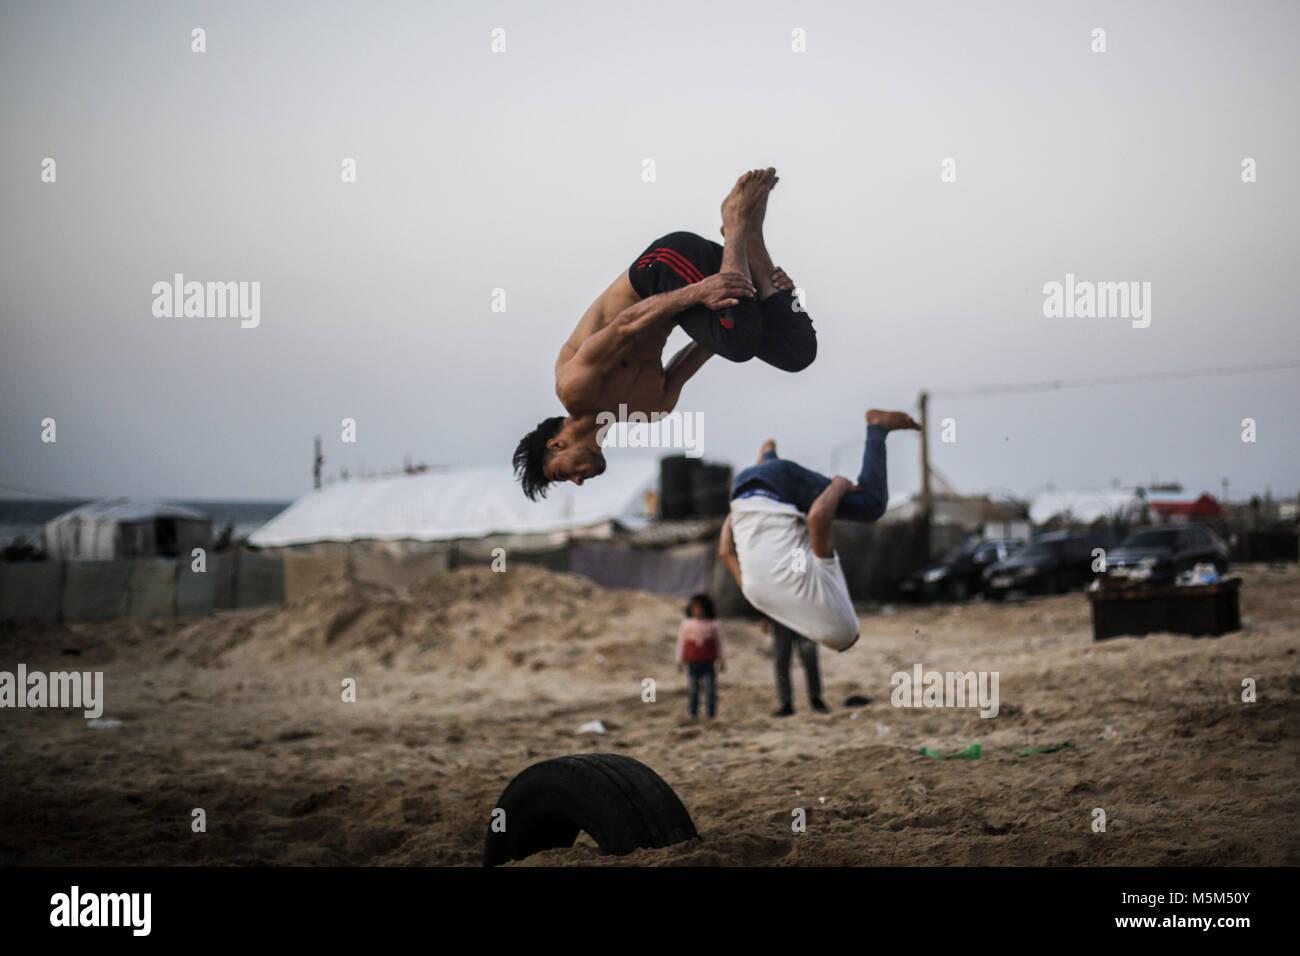 Gaza, Gaza. 23 Feb, 2018. Palästinensische Jugendliche üben die parkour Fähigkeiten auf den Strand Stockbild